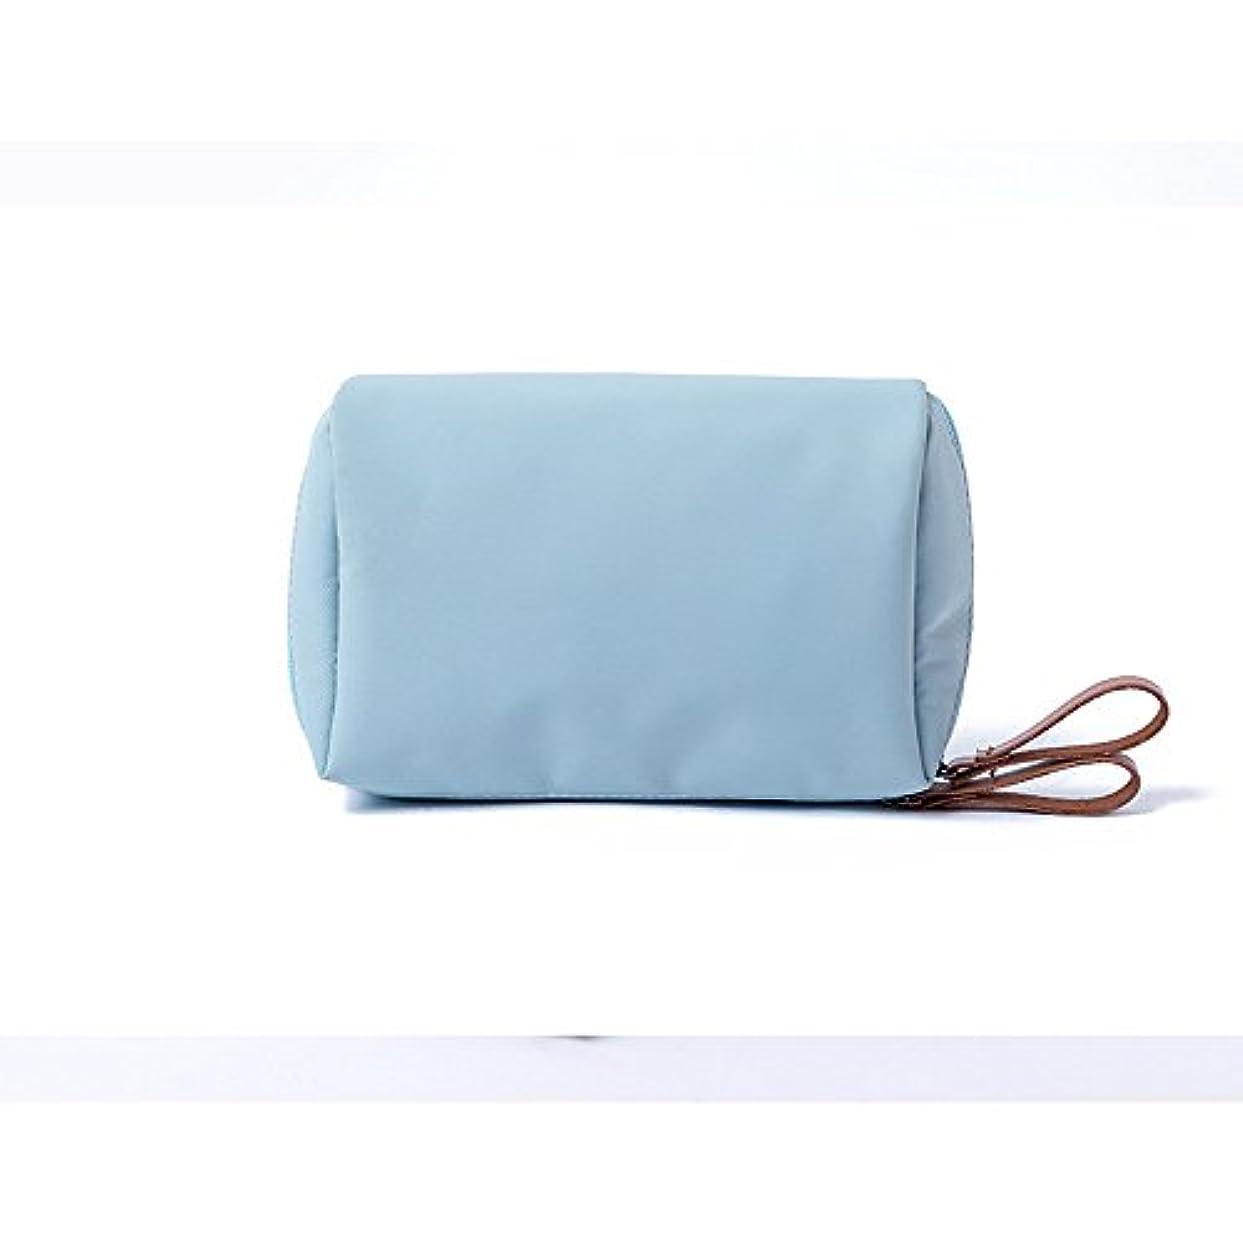 ダンスオプショナル渦MOCOFO 無地の化粧ポーチ コスメポーチ小物入れ ペンケース ブルー 大容量レディバニティバッグ